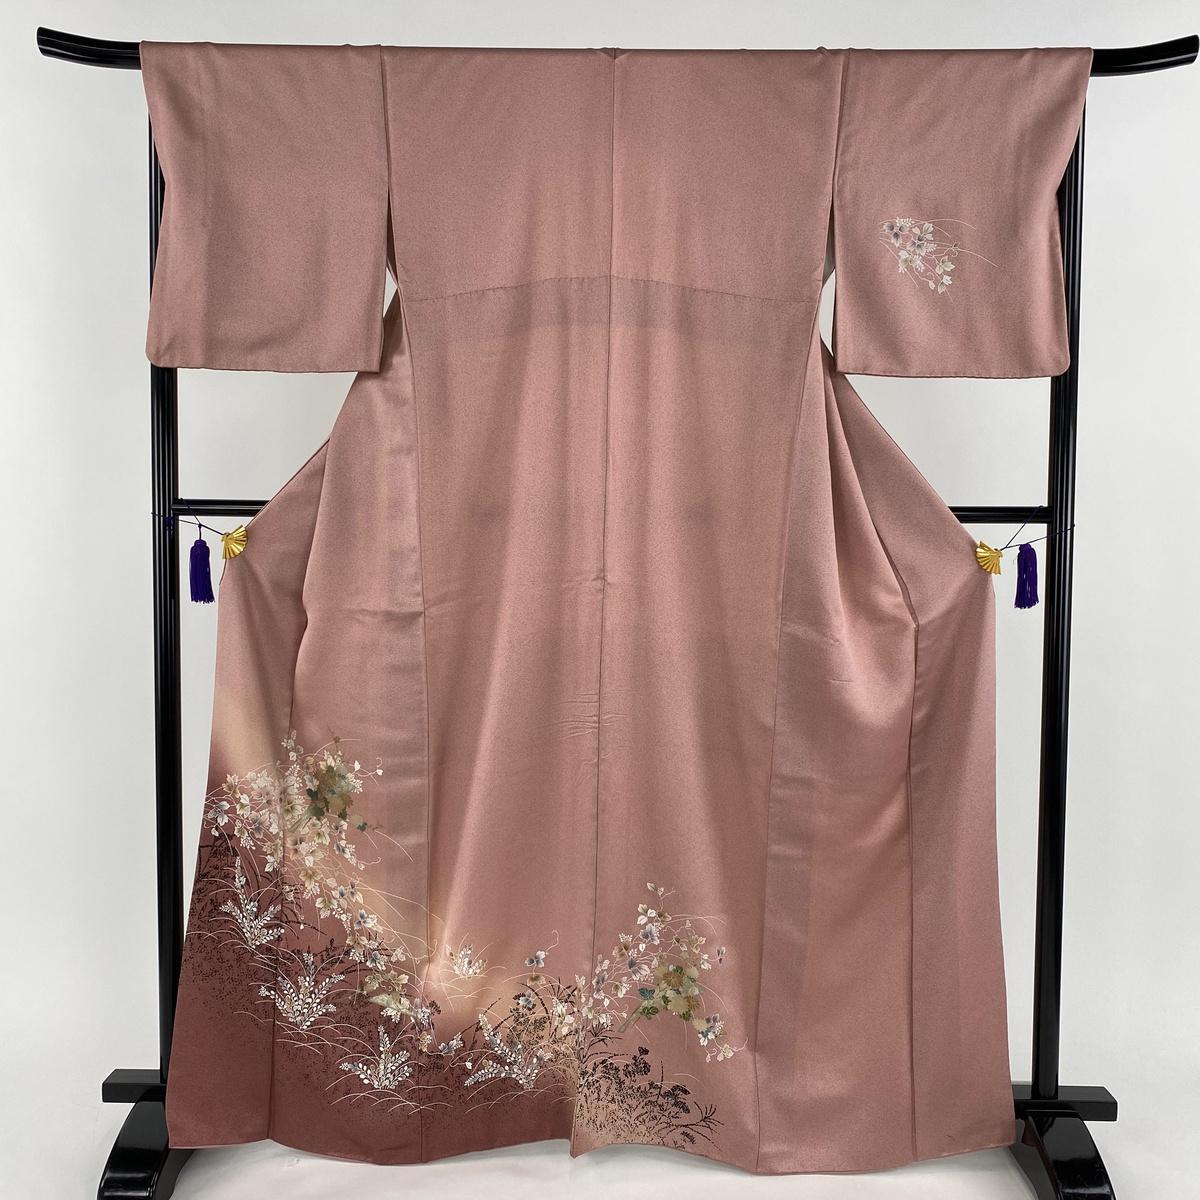 訪問着 秀品 花扇 草花 金銀彩 ピンク 袷 身丈167cm 裄丈67.5cm L 正絹 【中古】